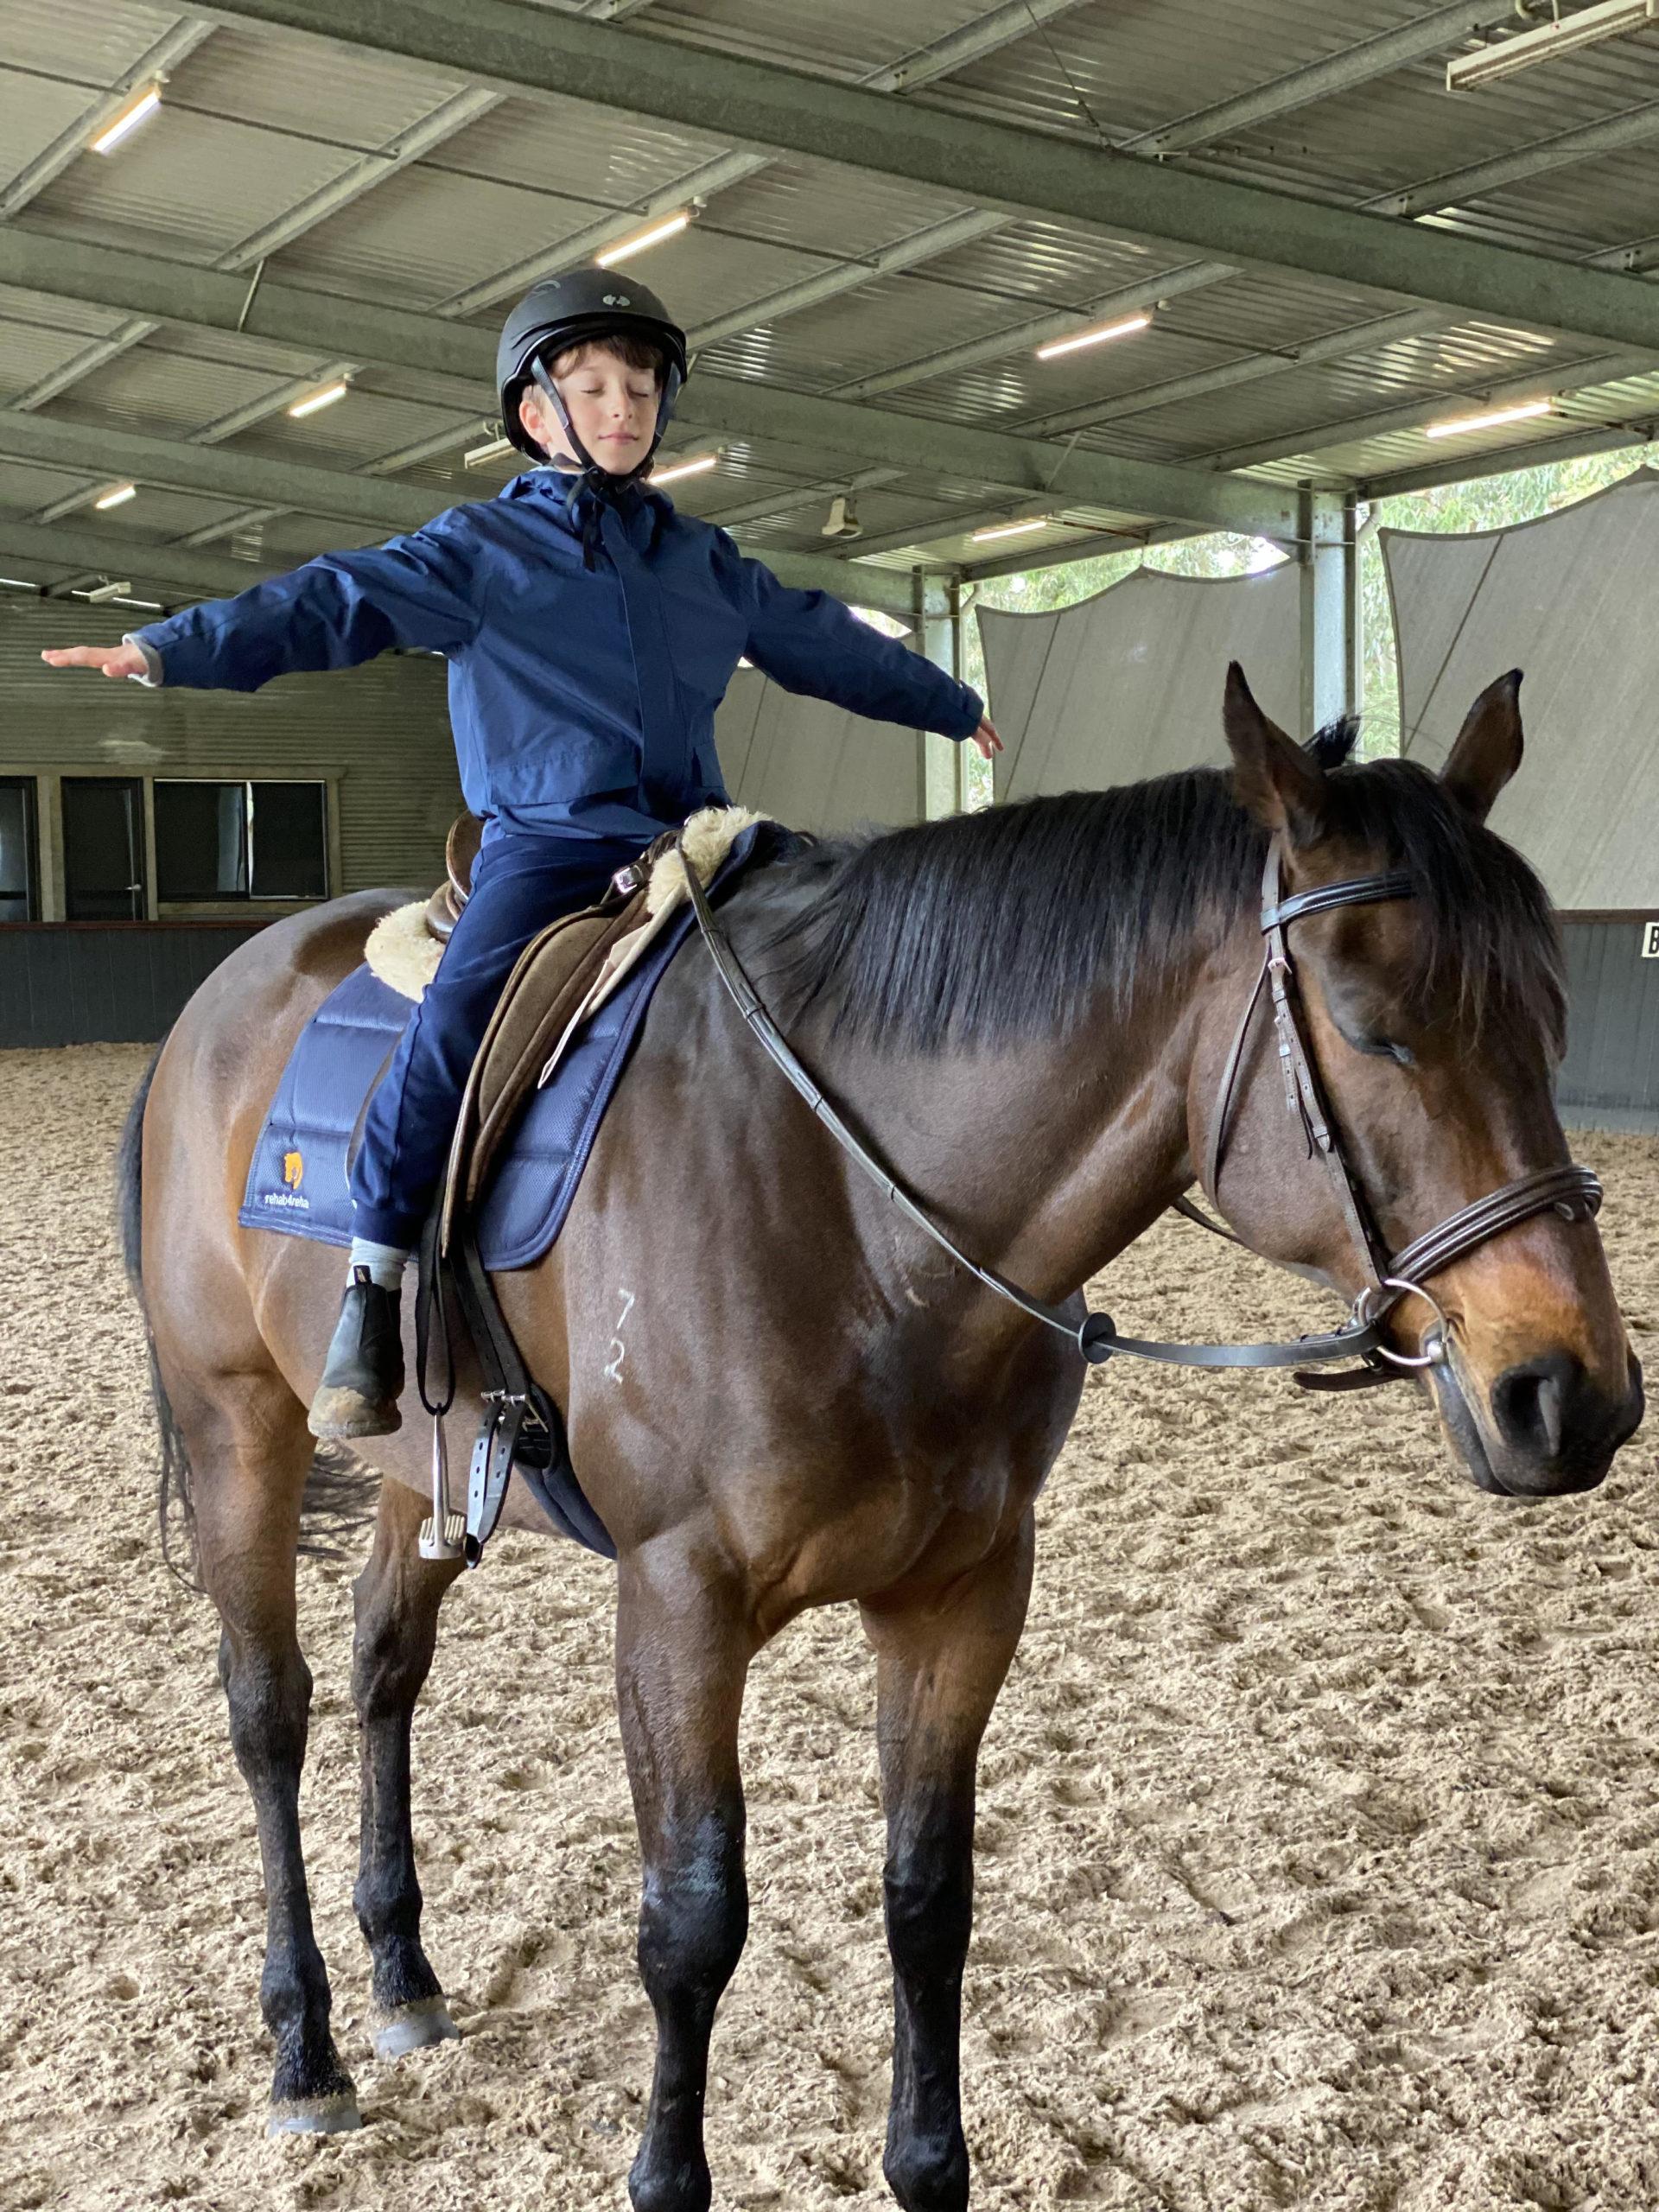 Con the horse